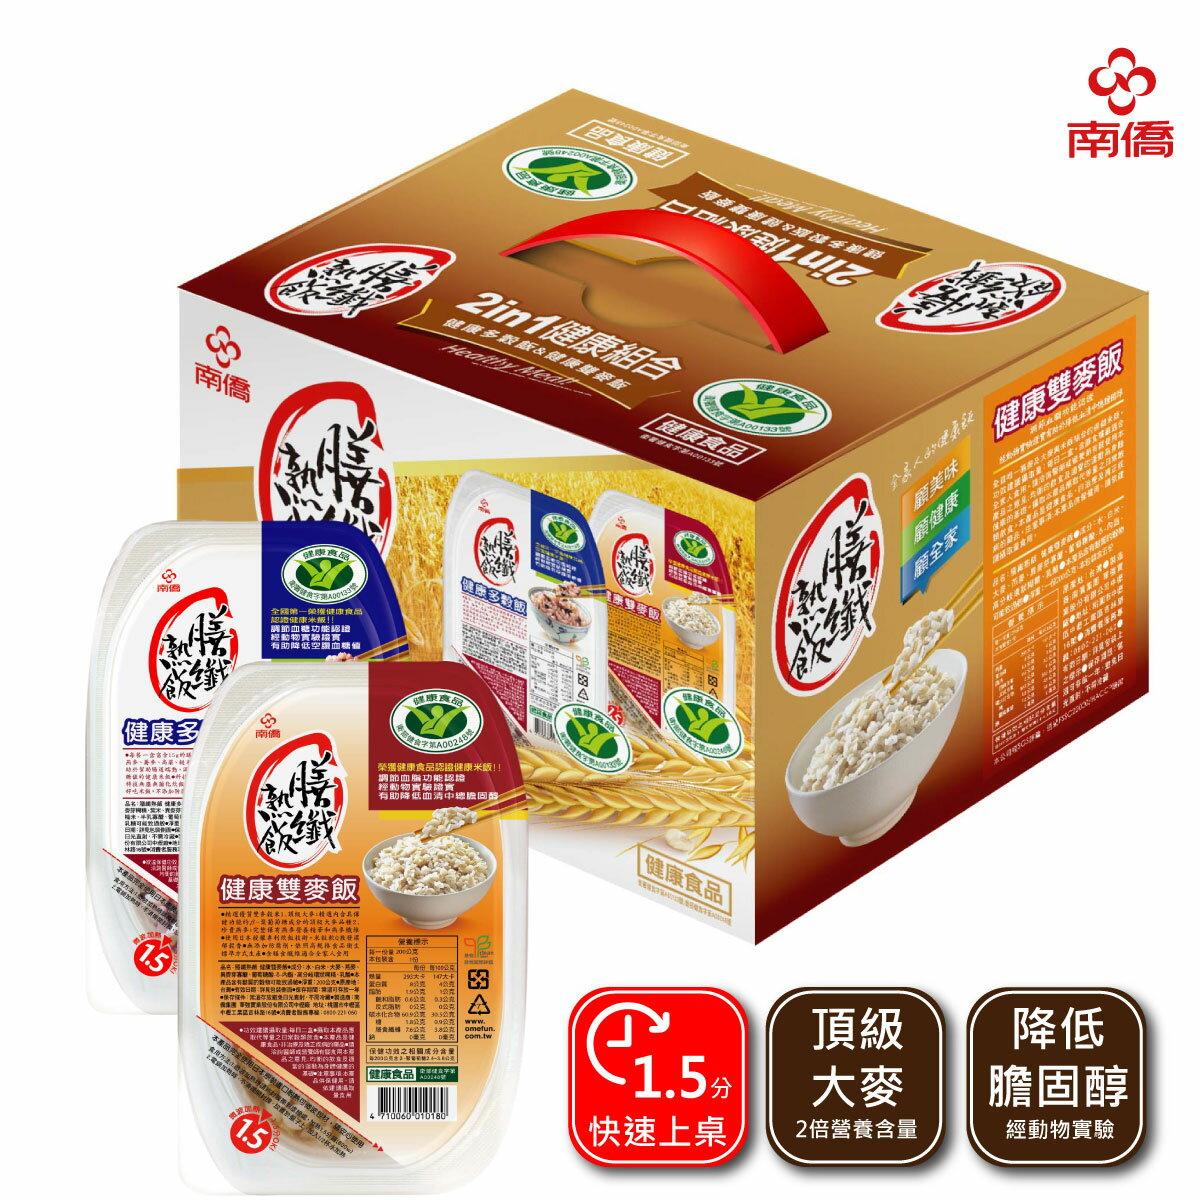 【南僑】膳纖熟飯 2in1健康多穀飯與雙麥飯雙重禮盒組 [4組/40盒]